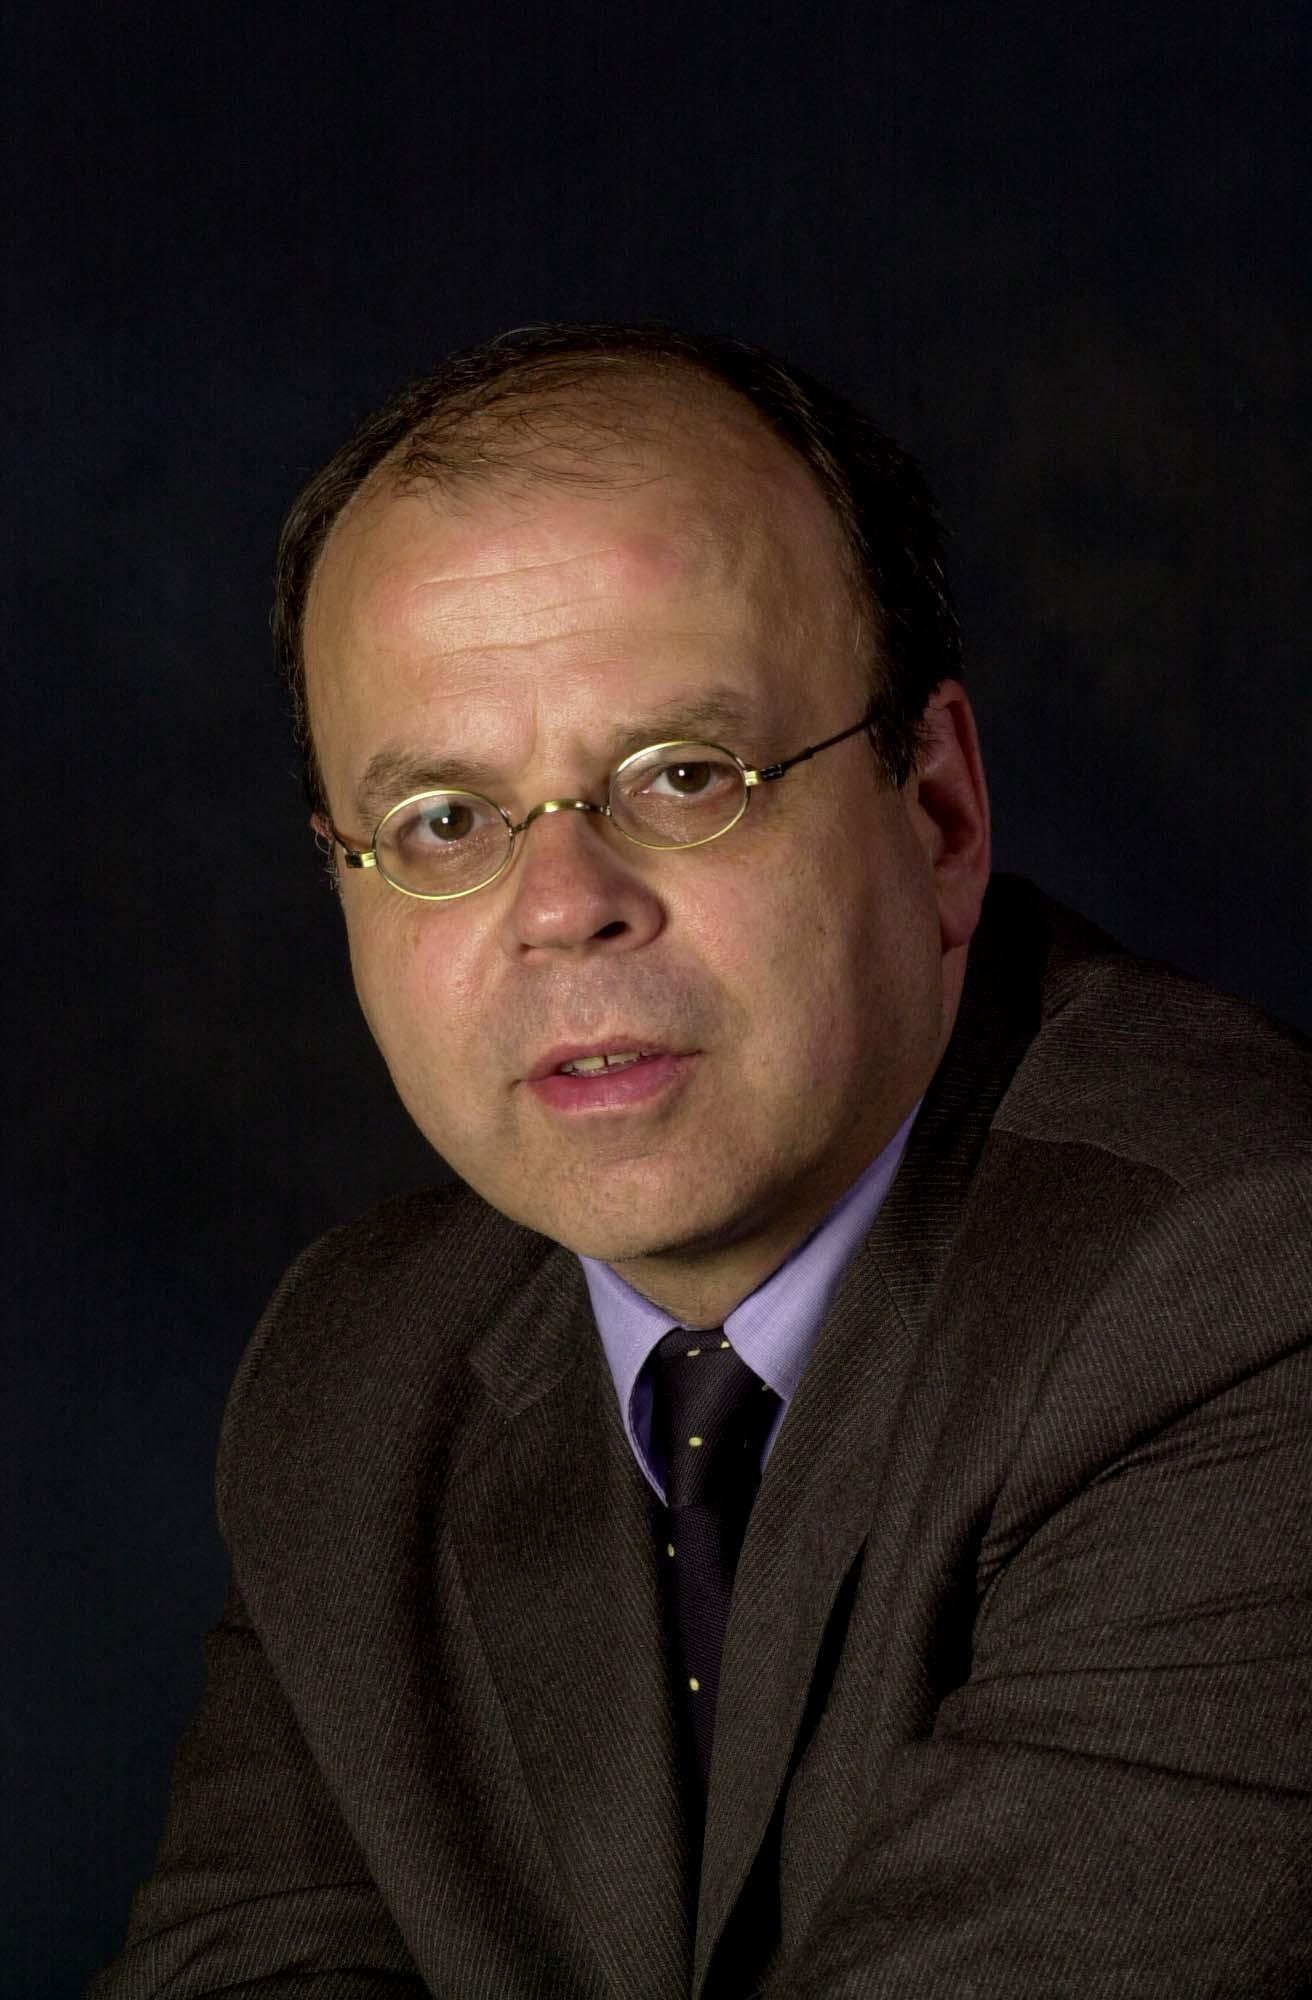 René Tissen